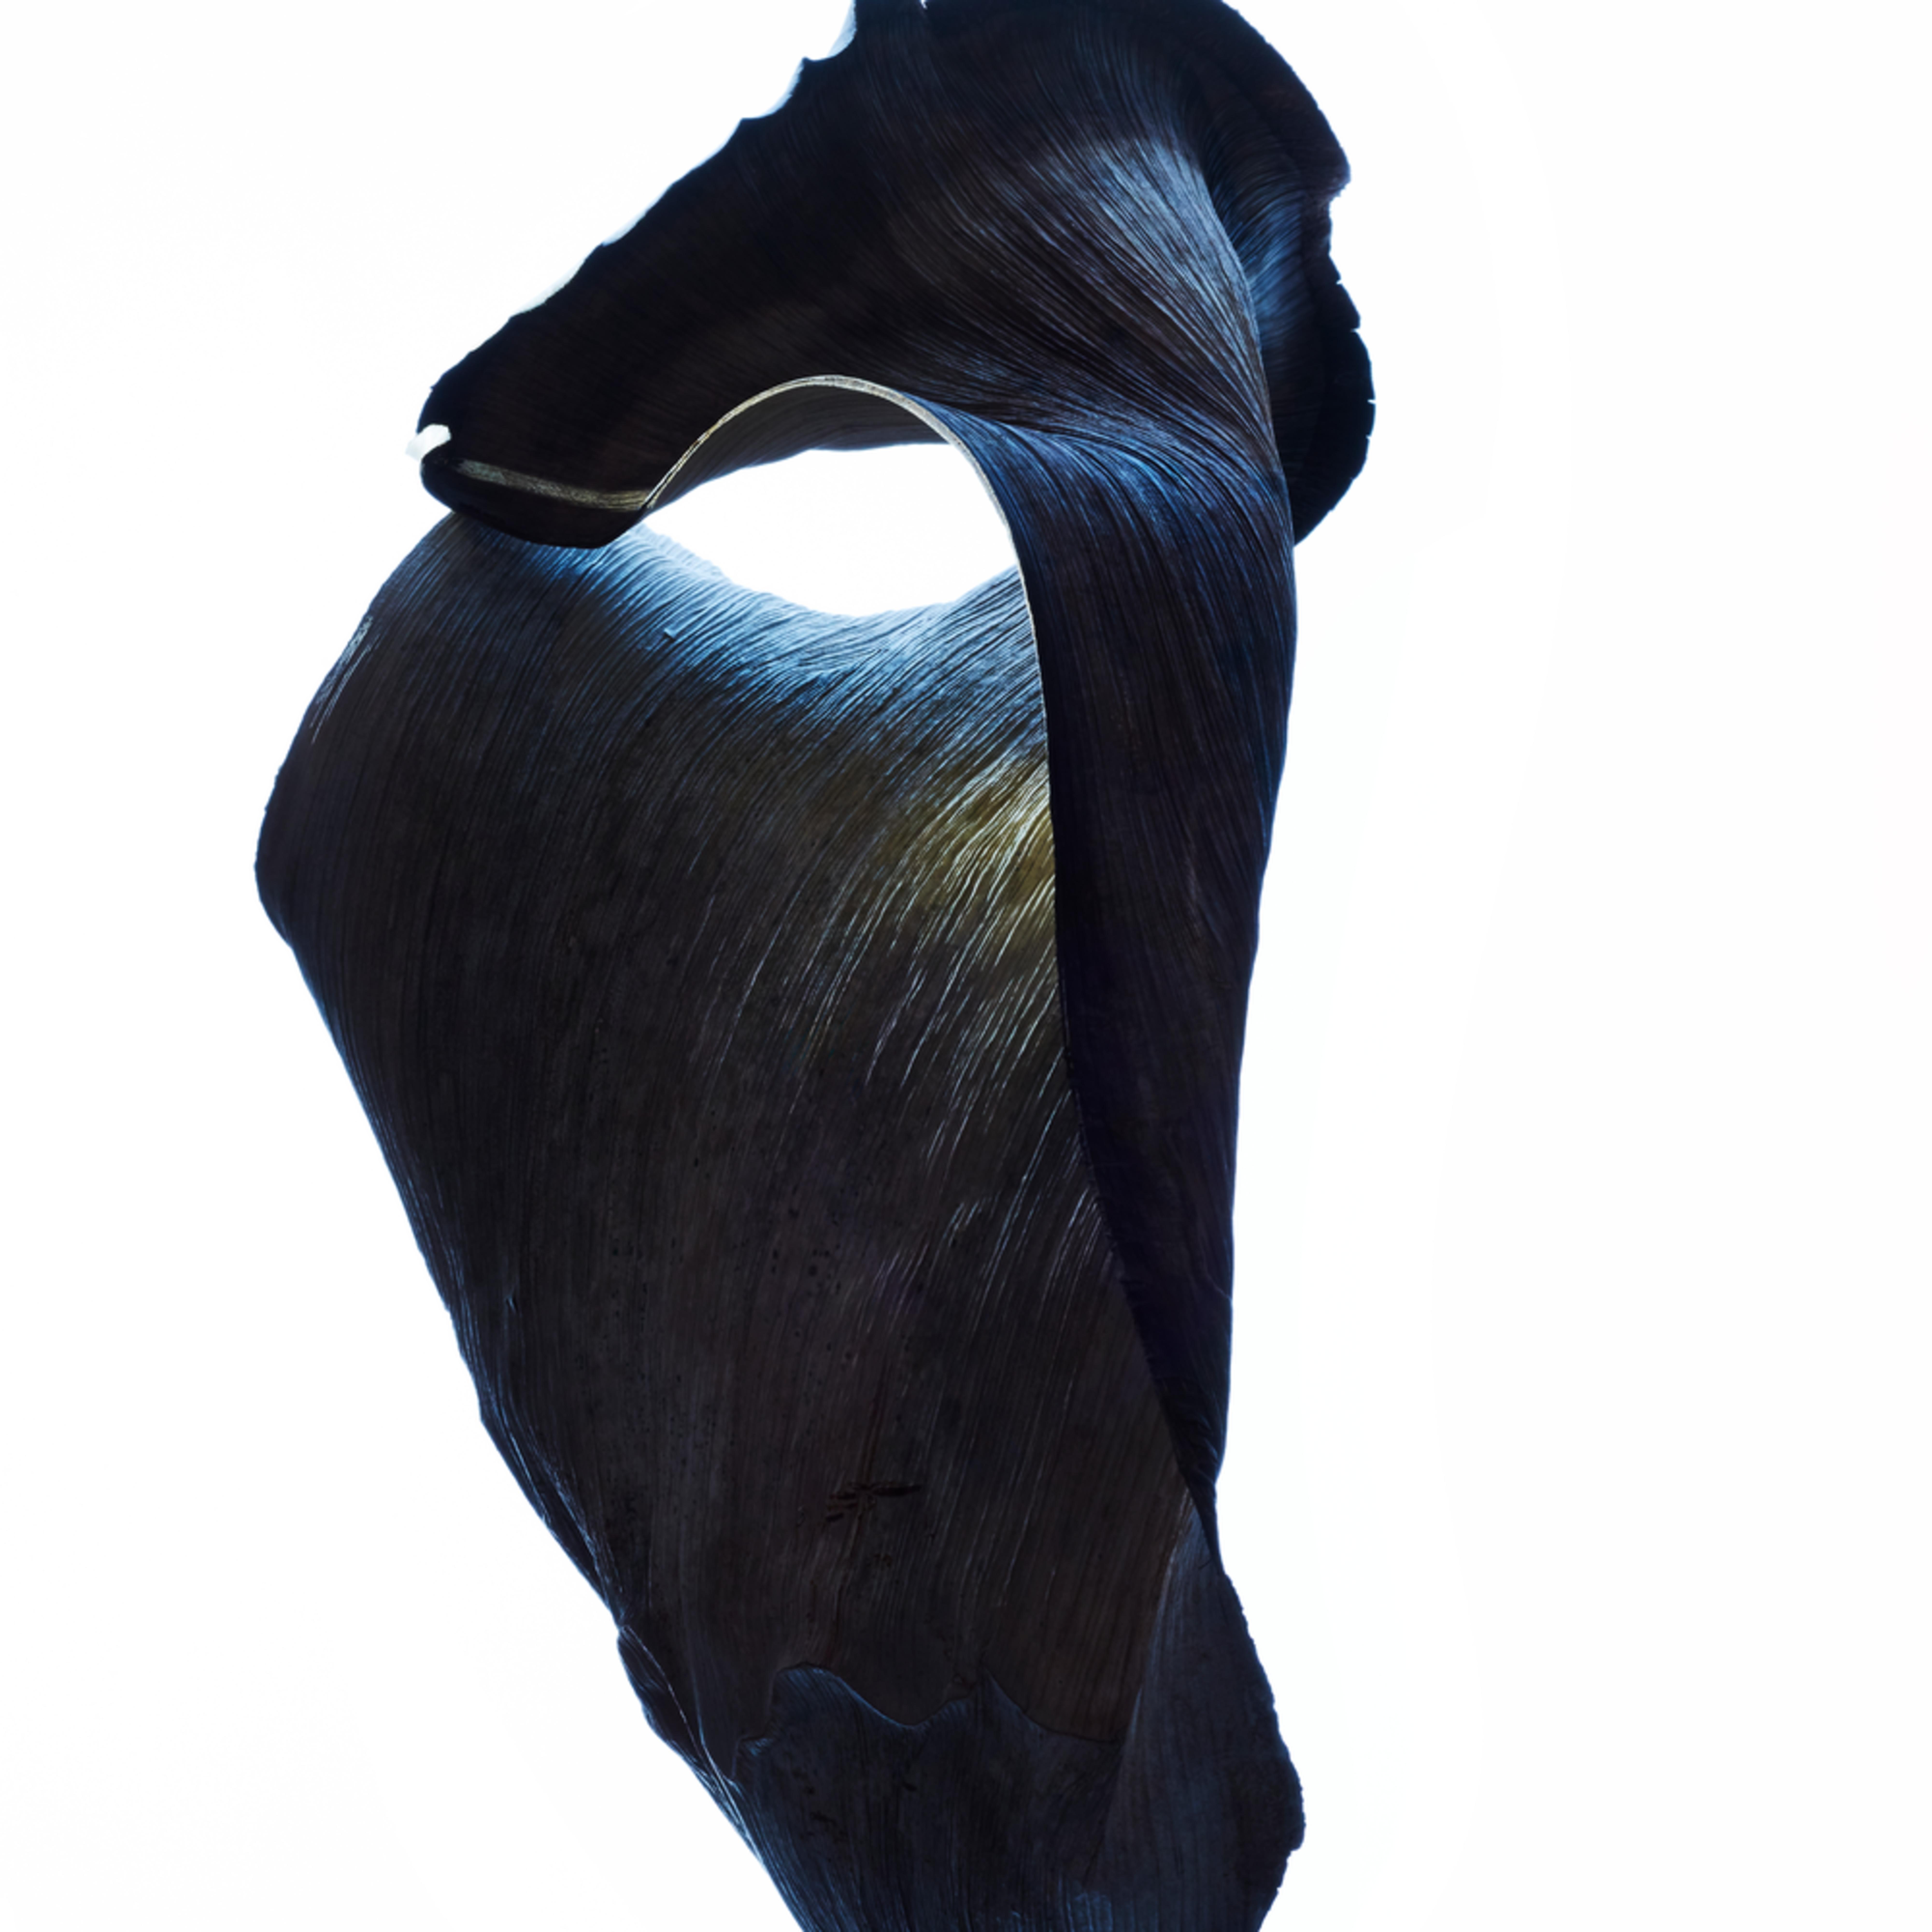 William couture phantom c8wups